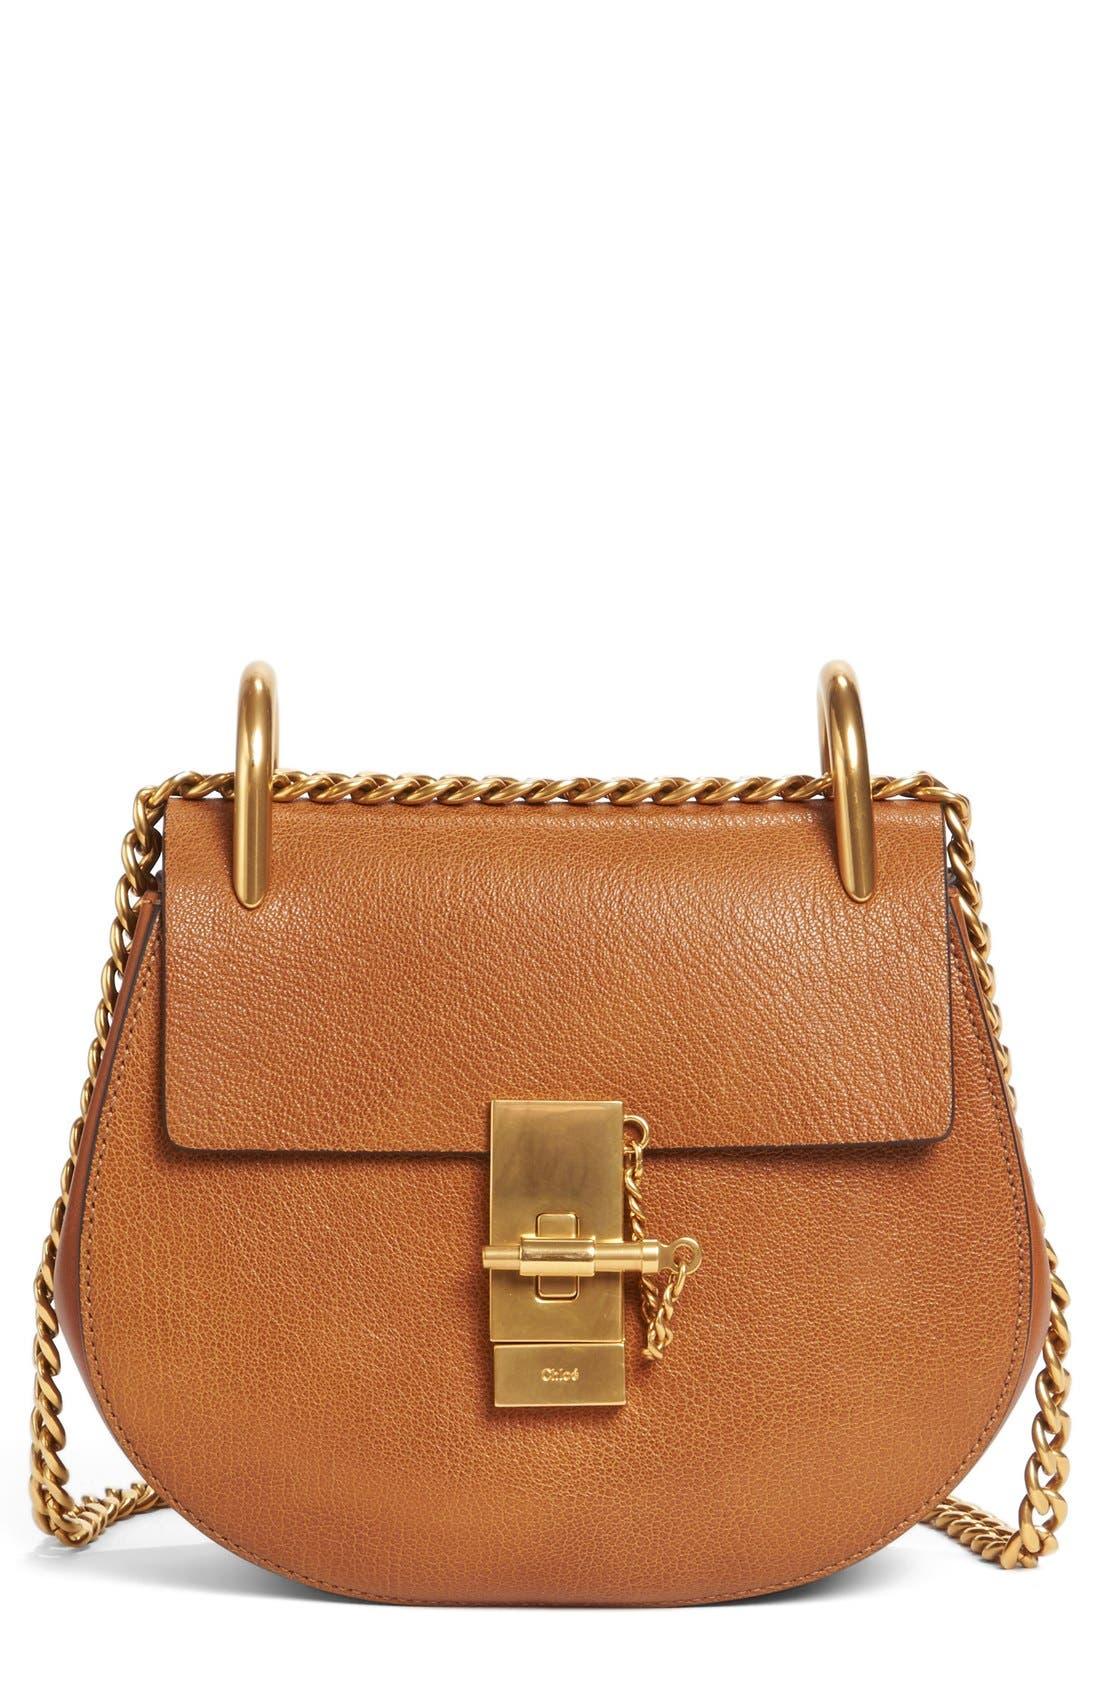 Drew Leather Shoulder Bag, Main, color, 233